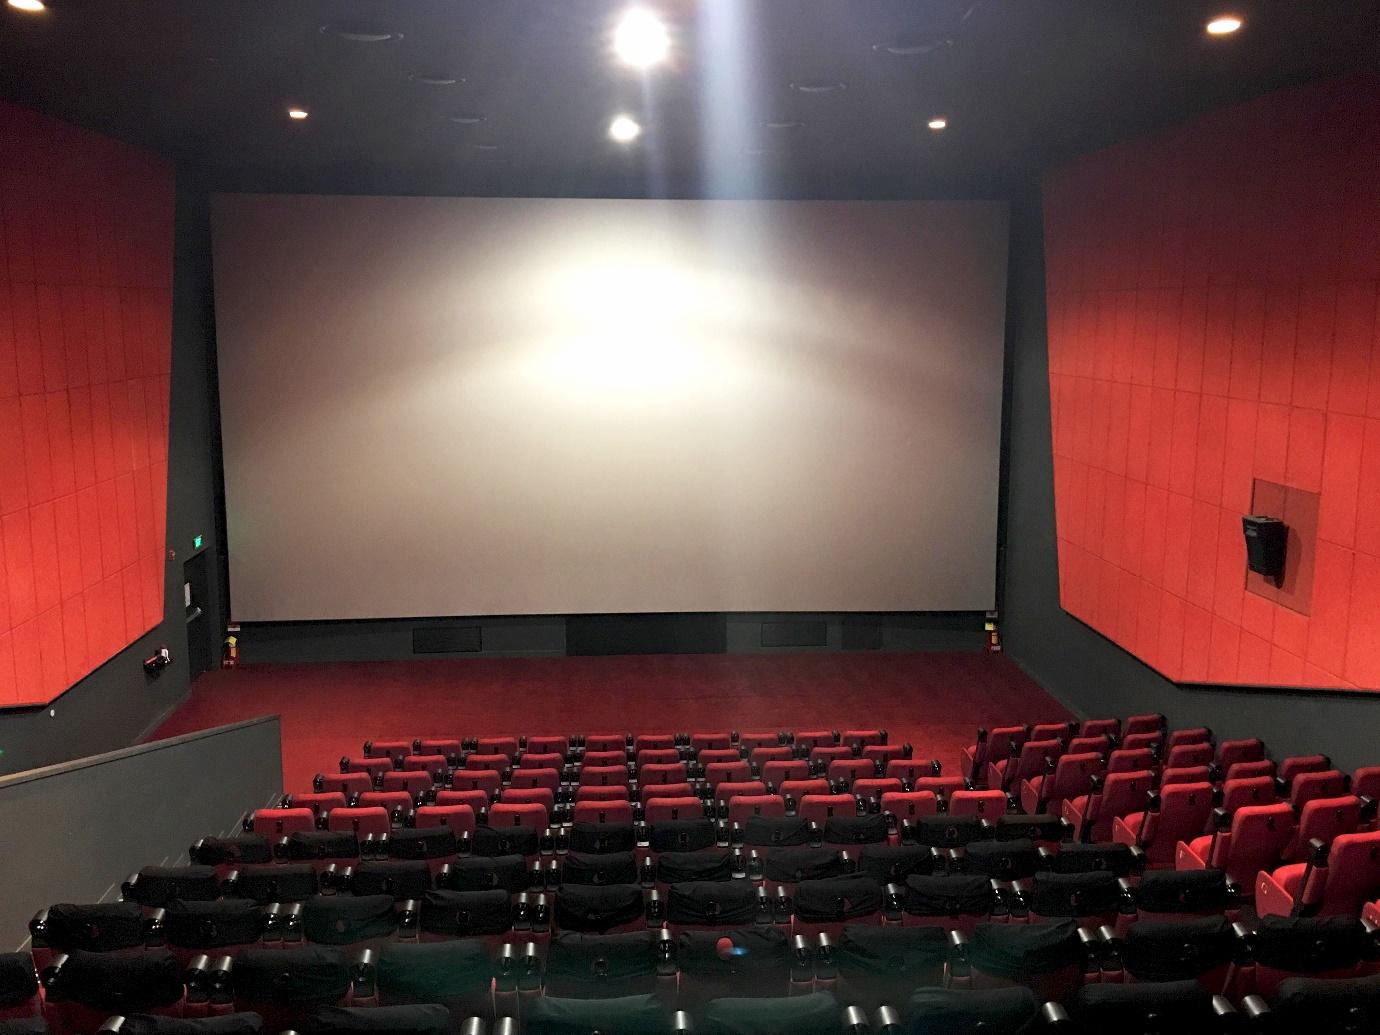 Tặng vé phim, miễn phí bắp nước dịp khai trương rạp Lotte Cinema Bắc Ninh - Ảnh 4.